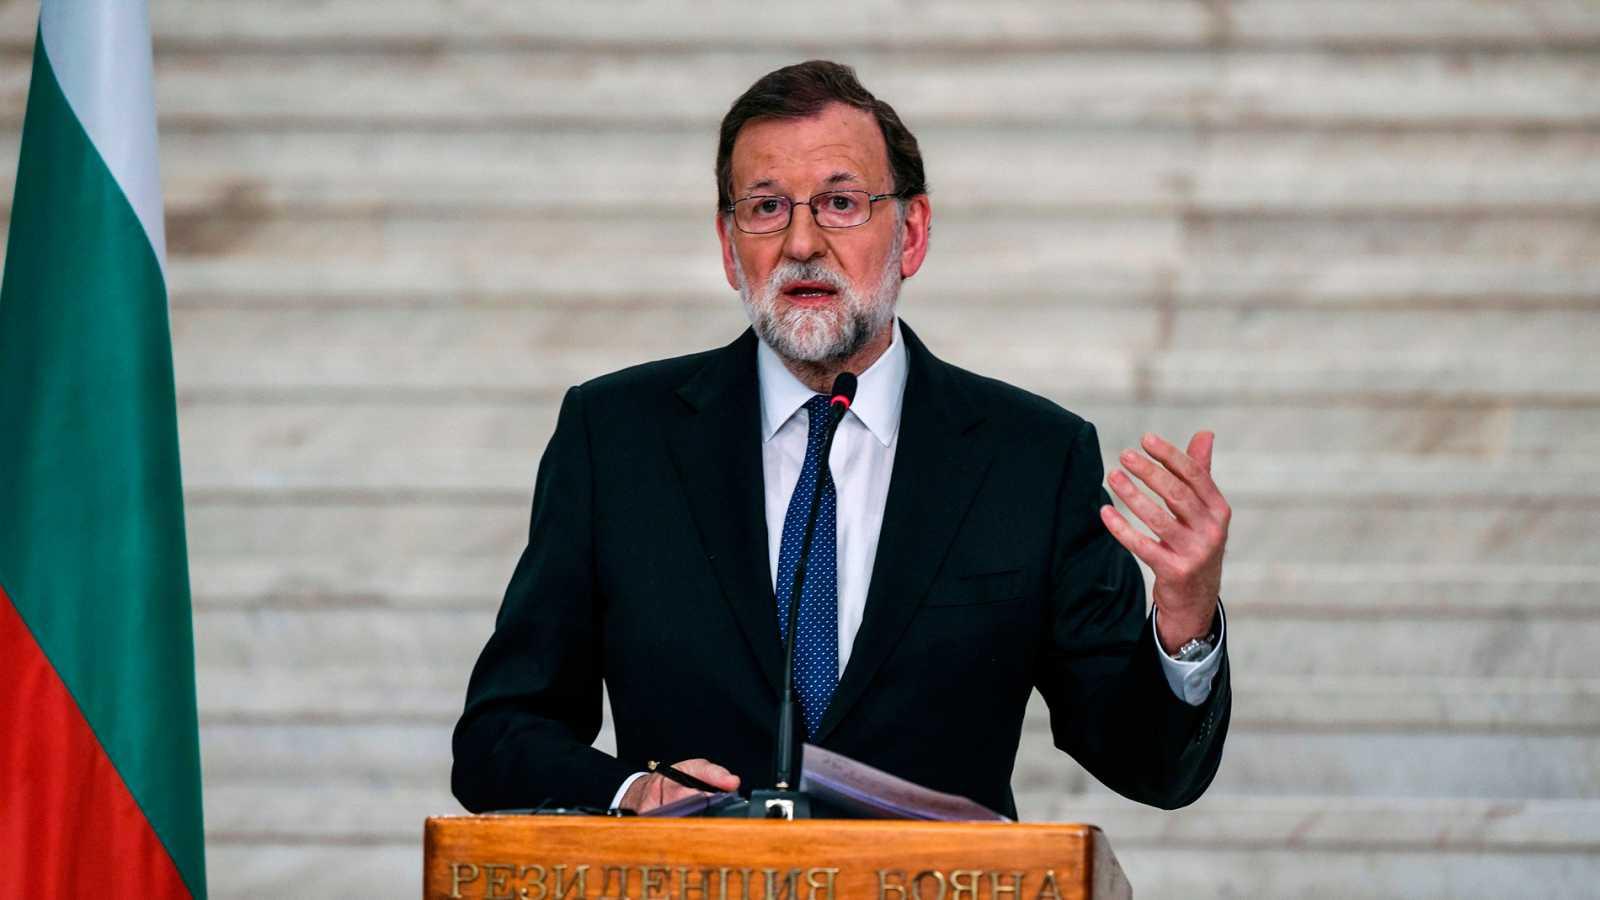 """Rajoy advierte a Torra que """"solo puede haber un presidente"""" y se muestra dispuesto a dialogar"""